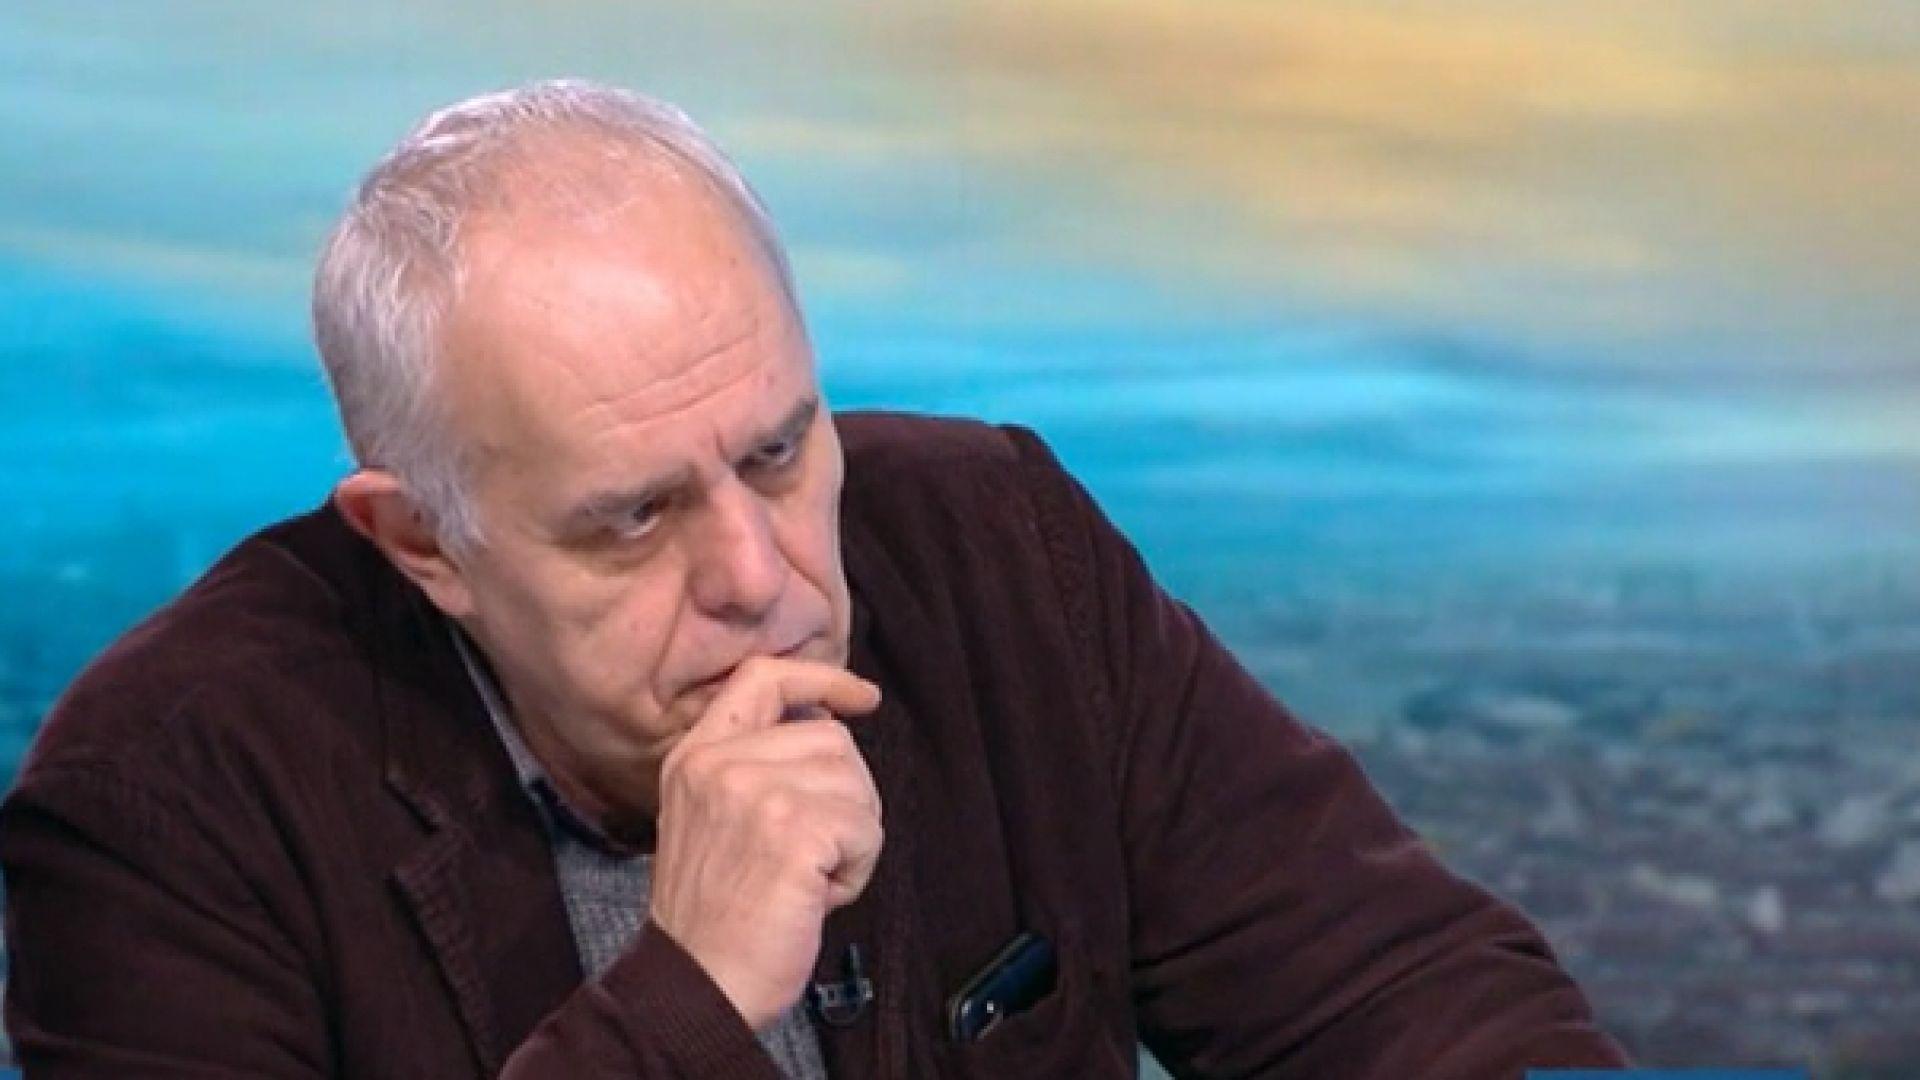 Райчев: ГЕРБ вероятно ще спечели изборите с коалиция, но скандалът със записите почти съсипа Борисов